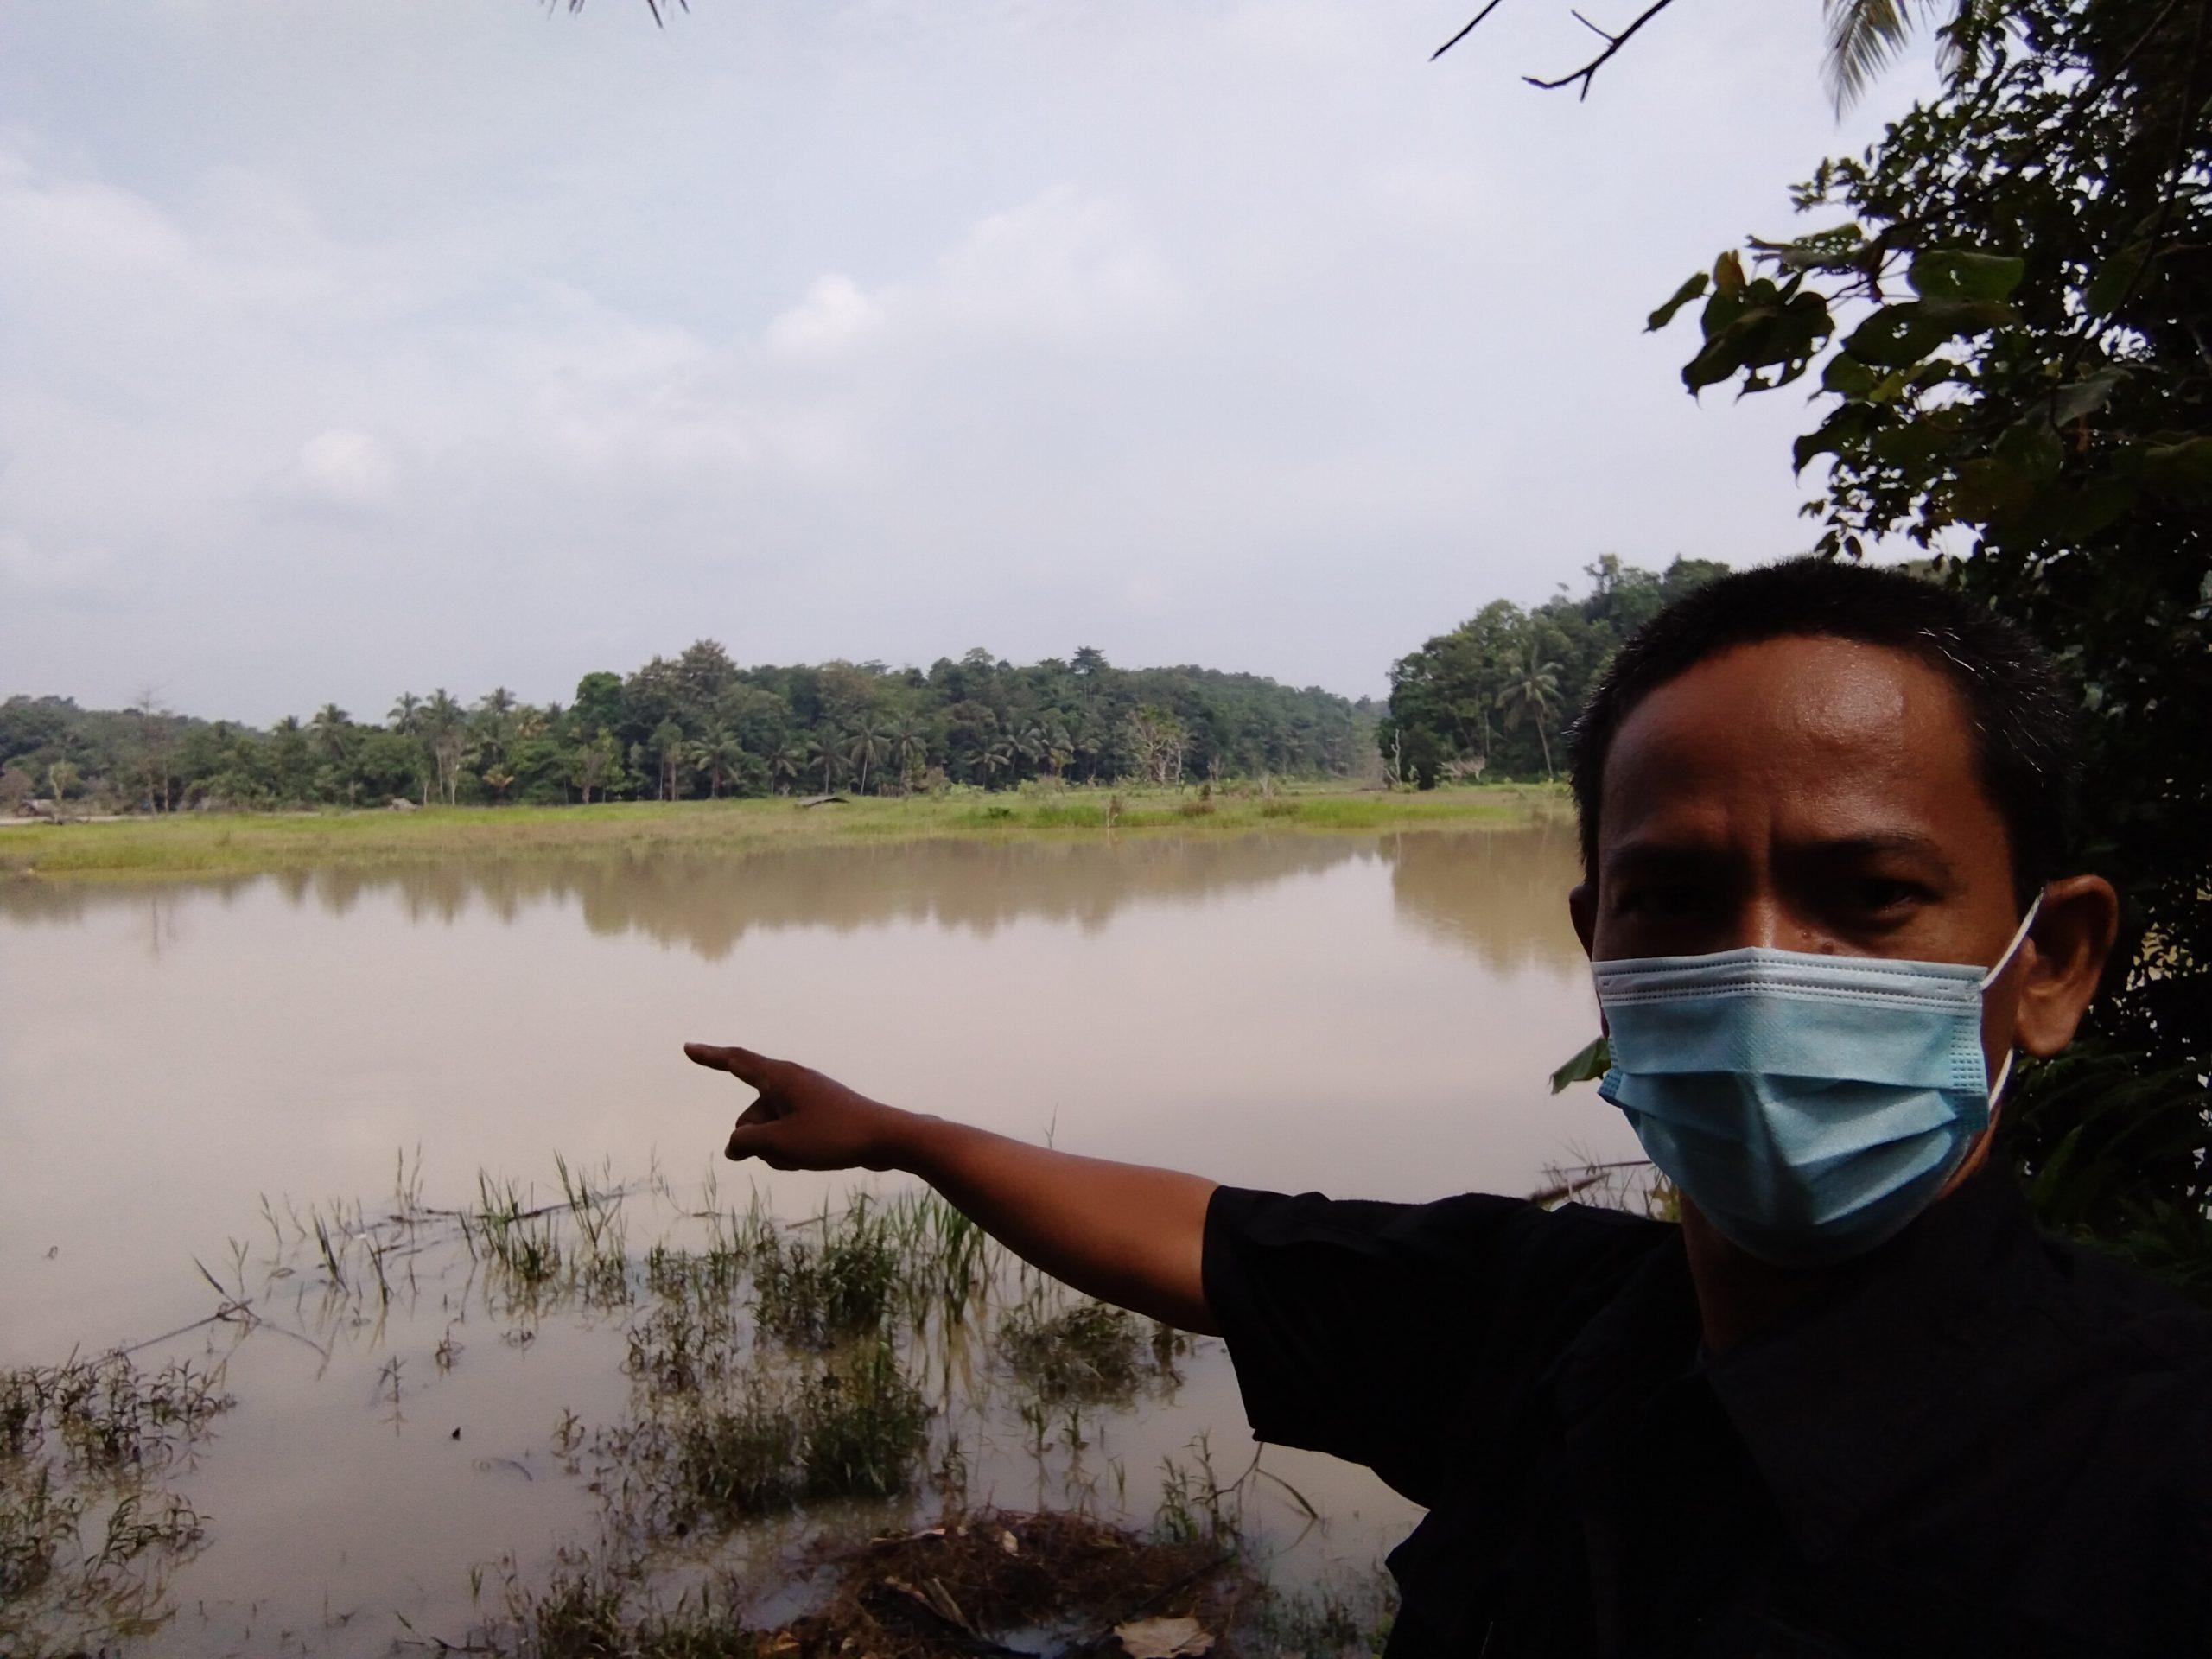 Puluhan Hektar Sawah Tidak Bisa Digarap, Petani Minta Pemkab Lebak Memikirkan Nasibnya